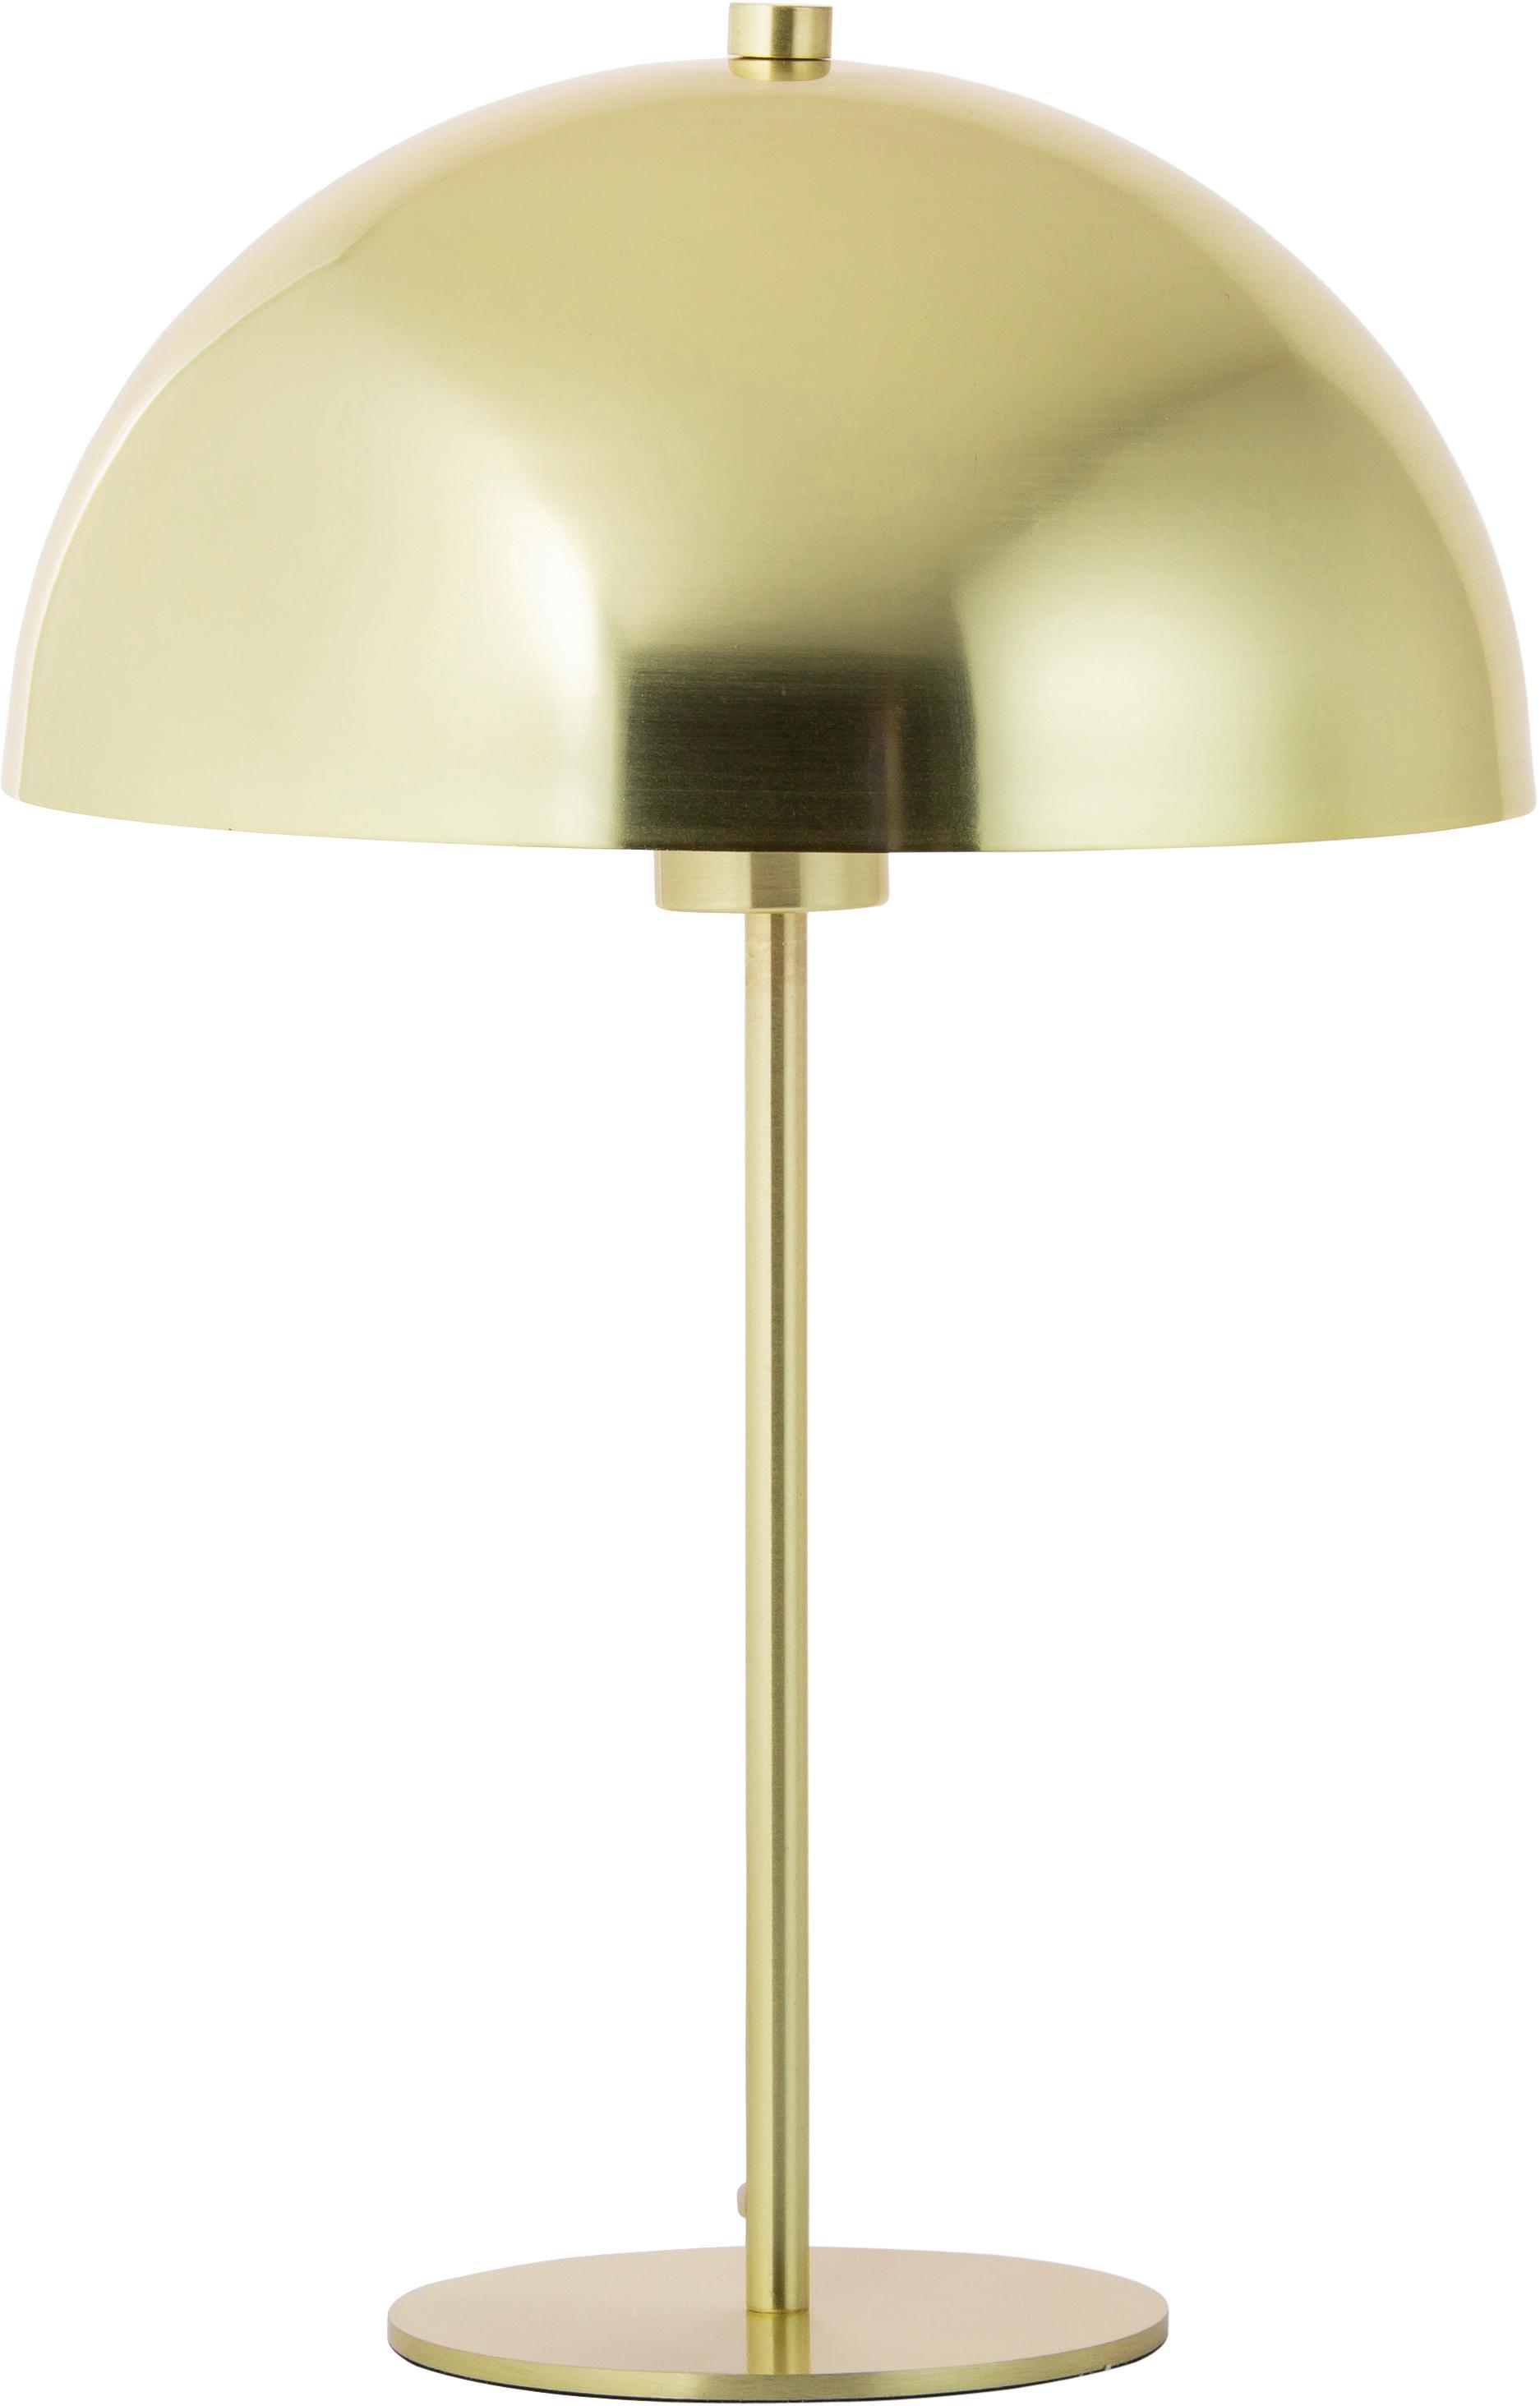 Lámpara de mesa de metal Matilda, Pantalla: metal, latón, Latón, Ø 29 x Al 45 cm